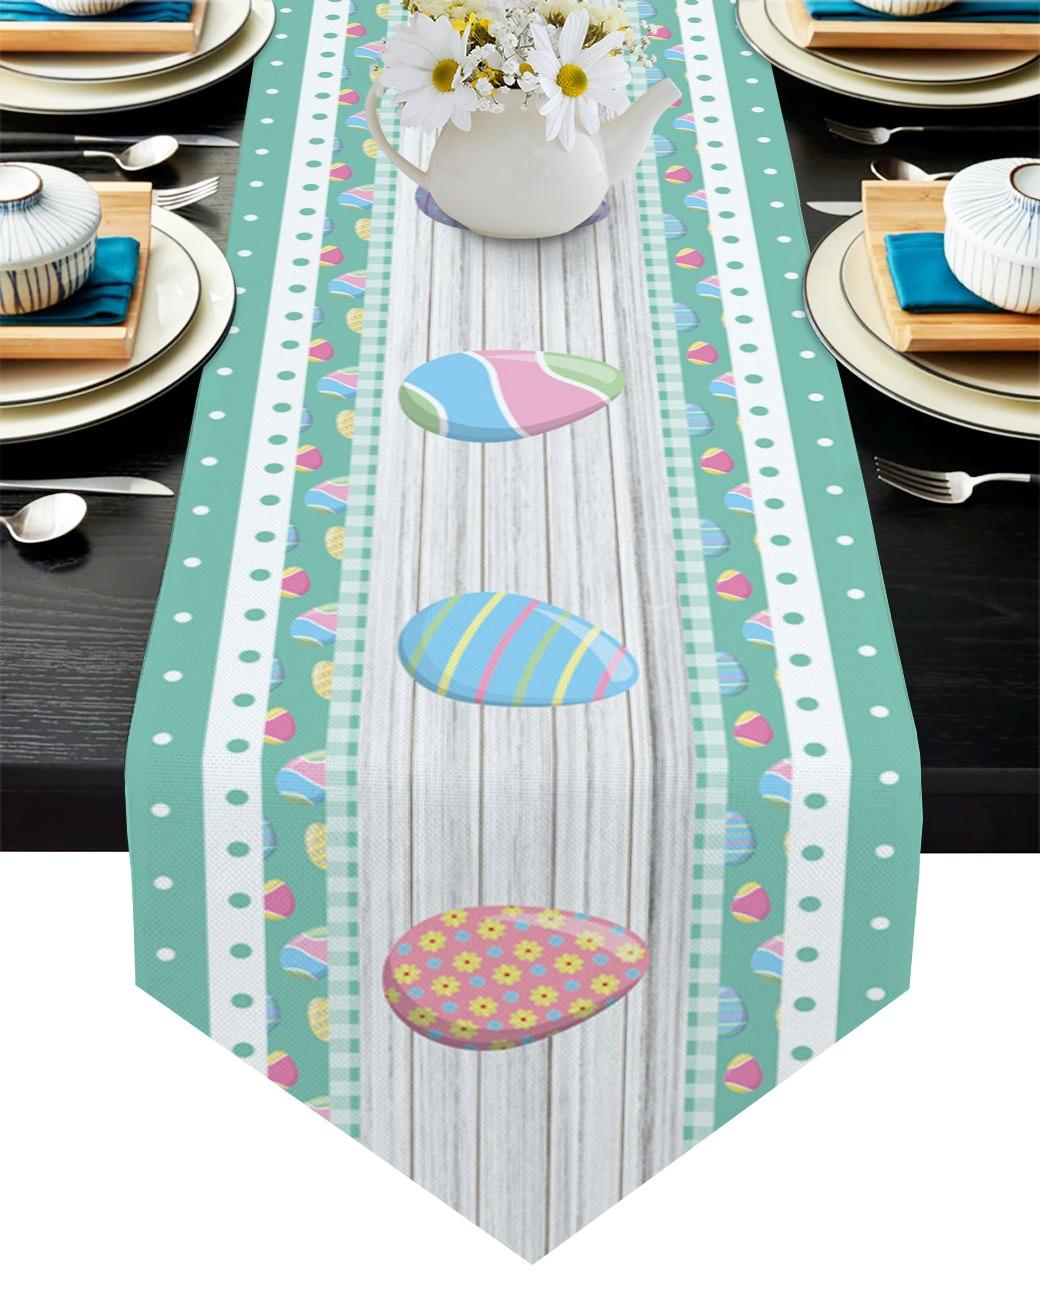 مفرش مائدة متقلب مع بيض عيد الفصح ، مفرش مائدة مزخرف ، للكيك ، الزفاف ، طاولة الطعام